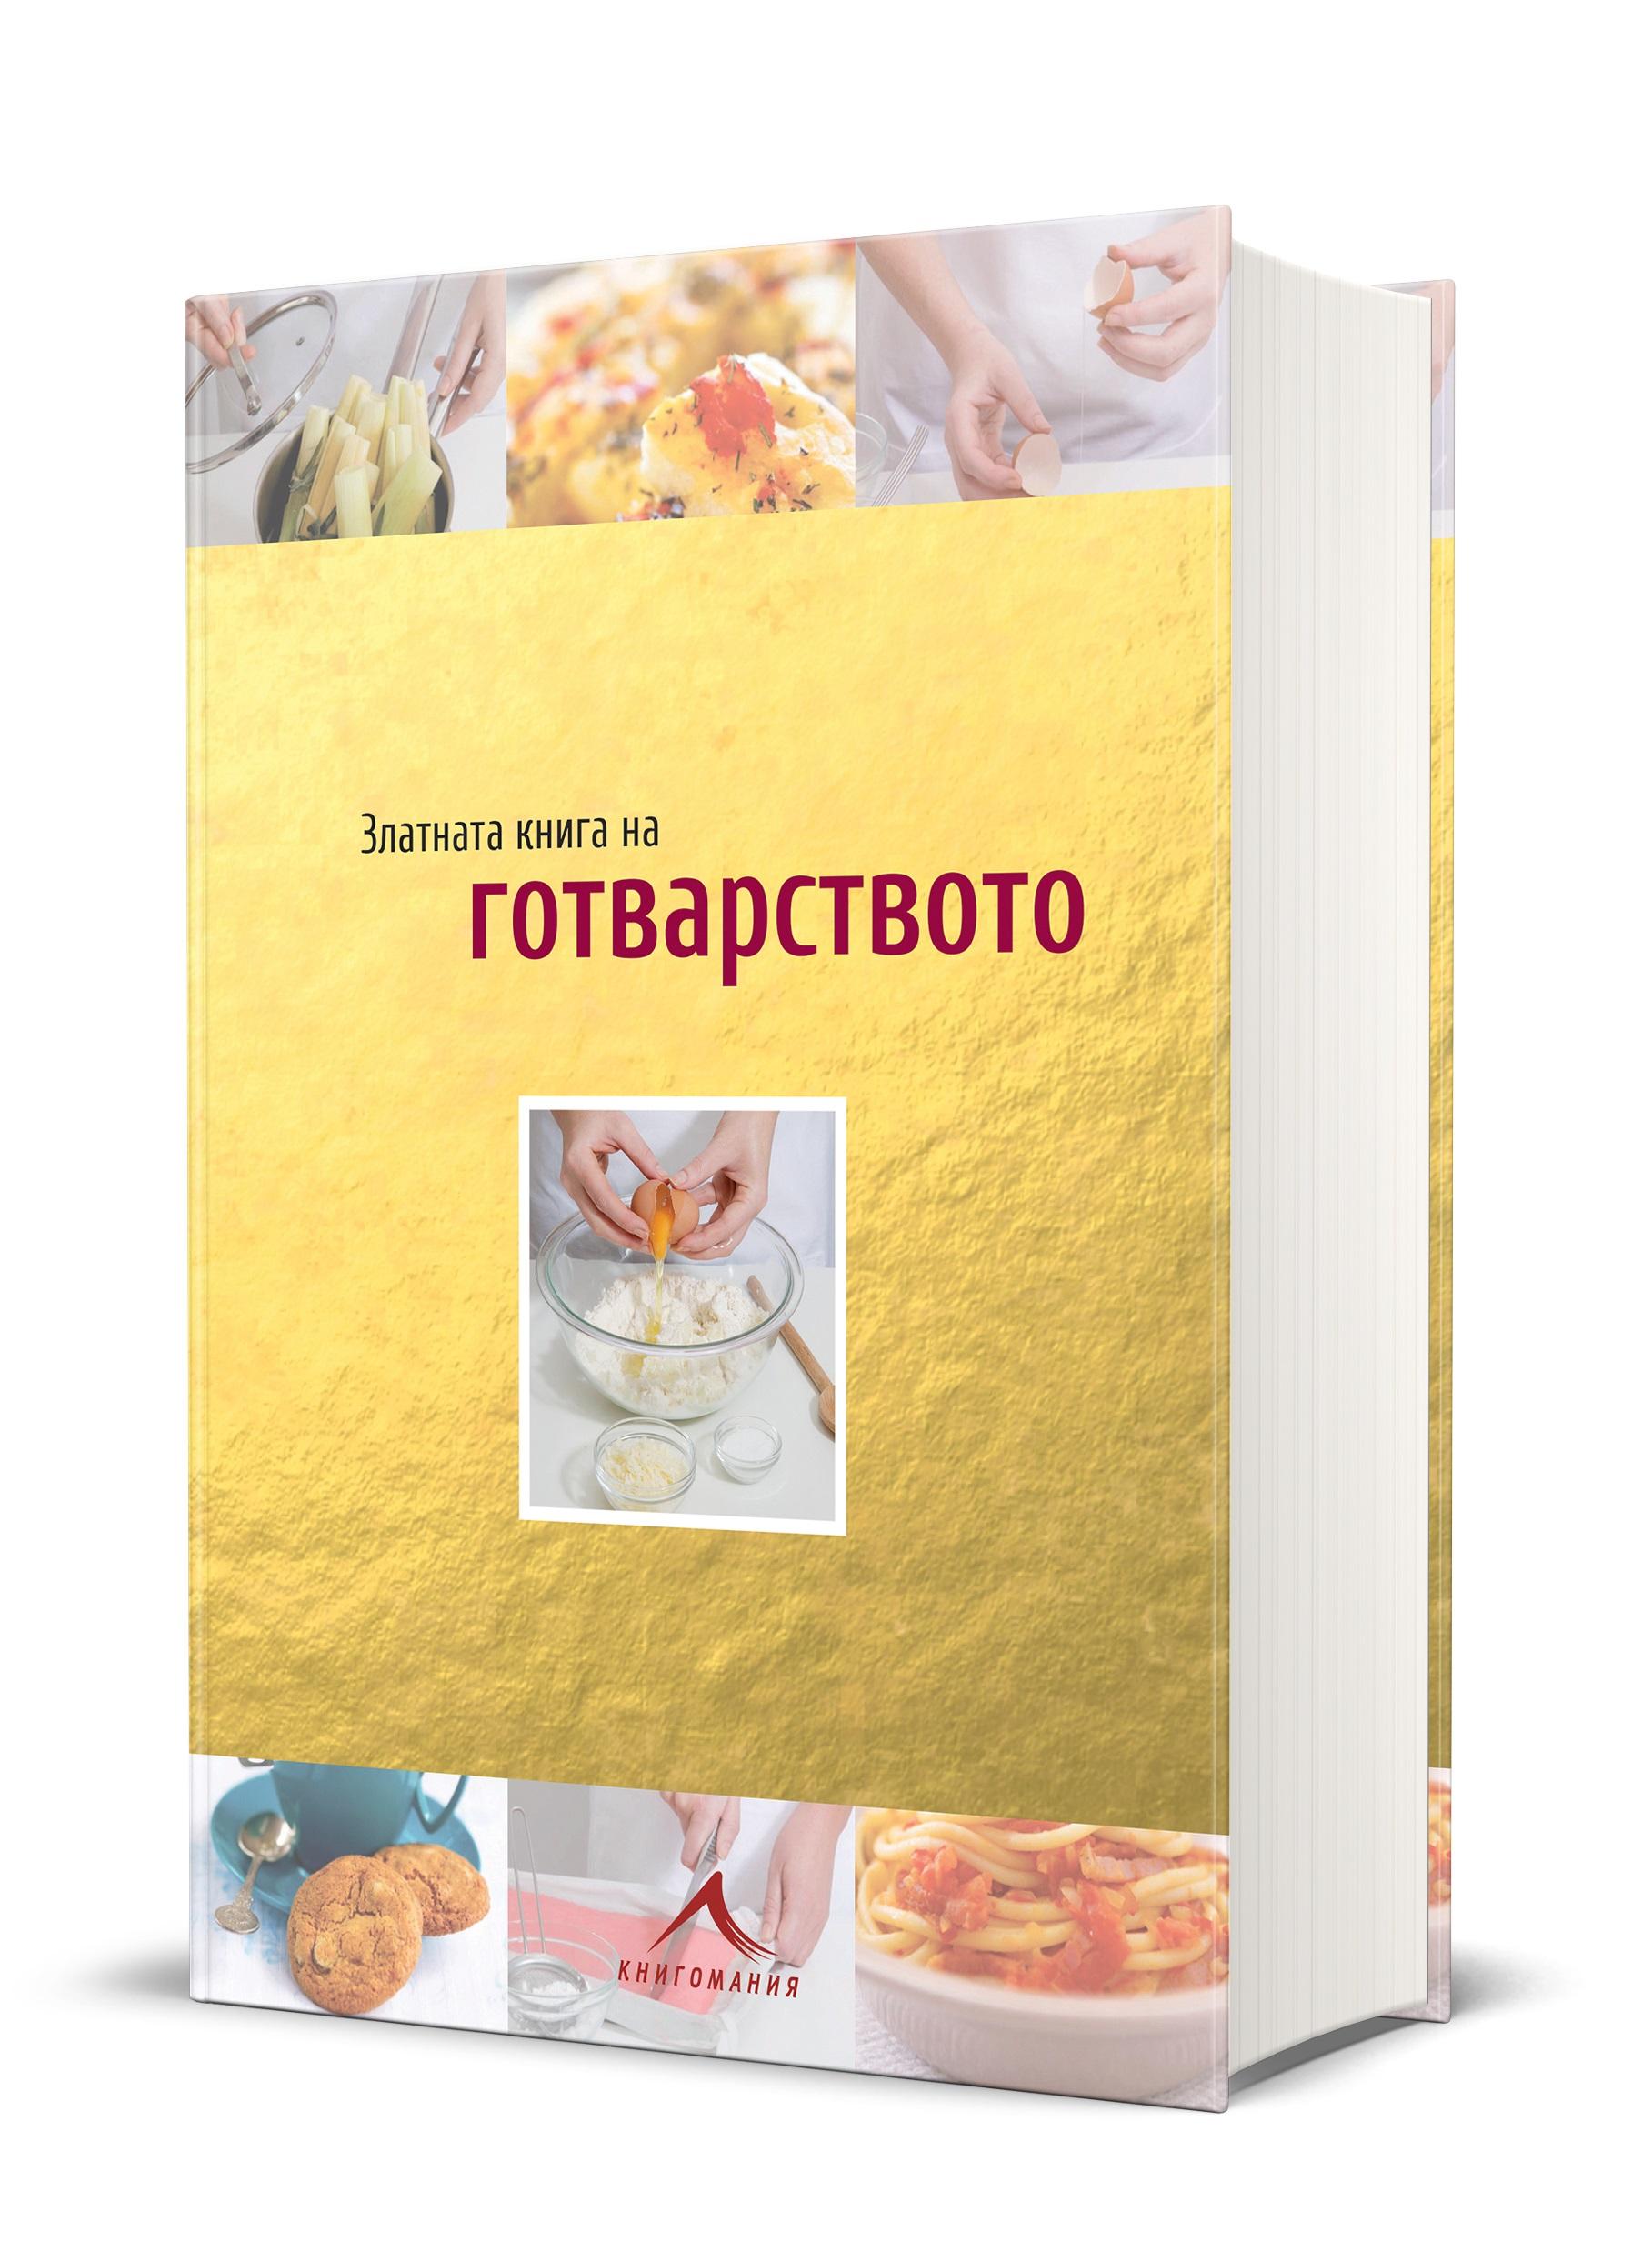 """""""Златната книга на готварството"""" – истинската съкровищница за всеки кулинар"""